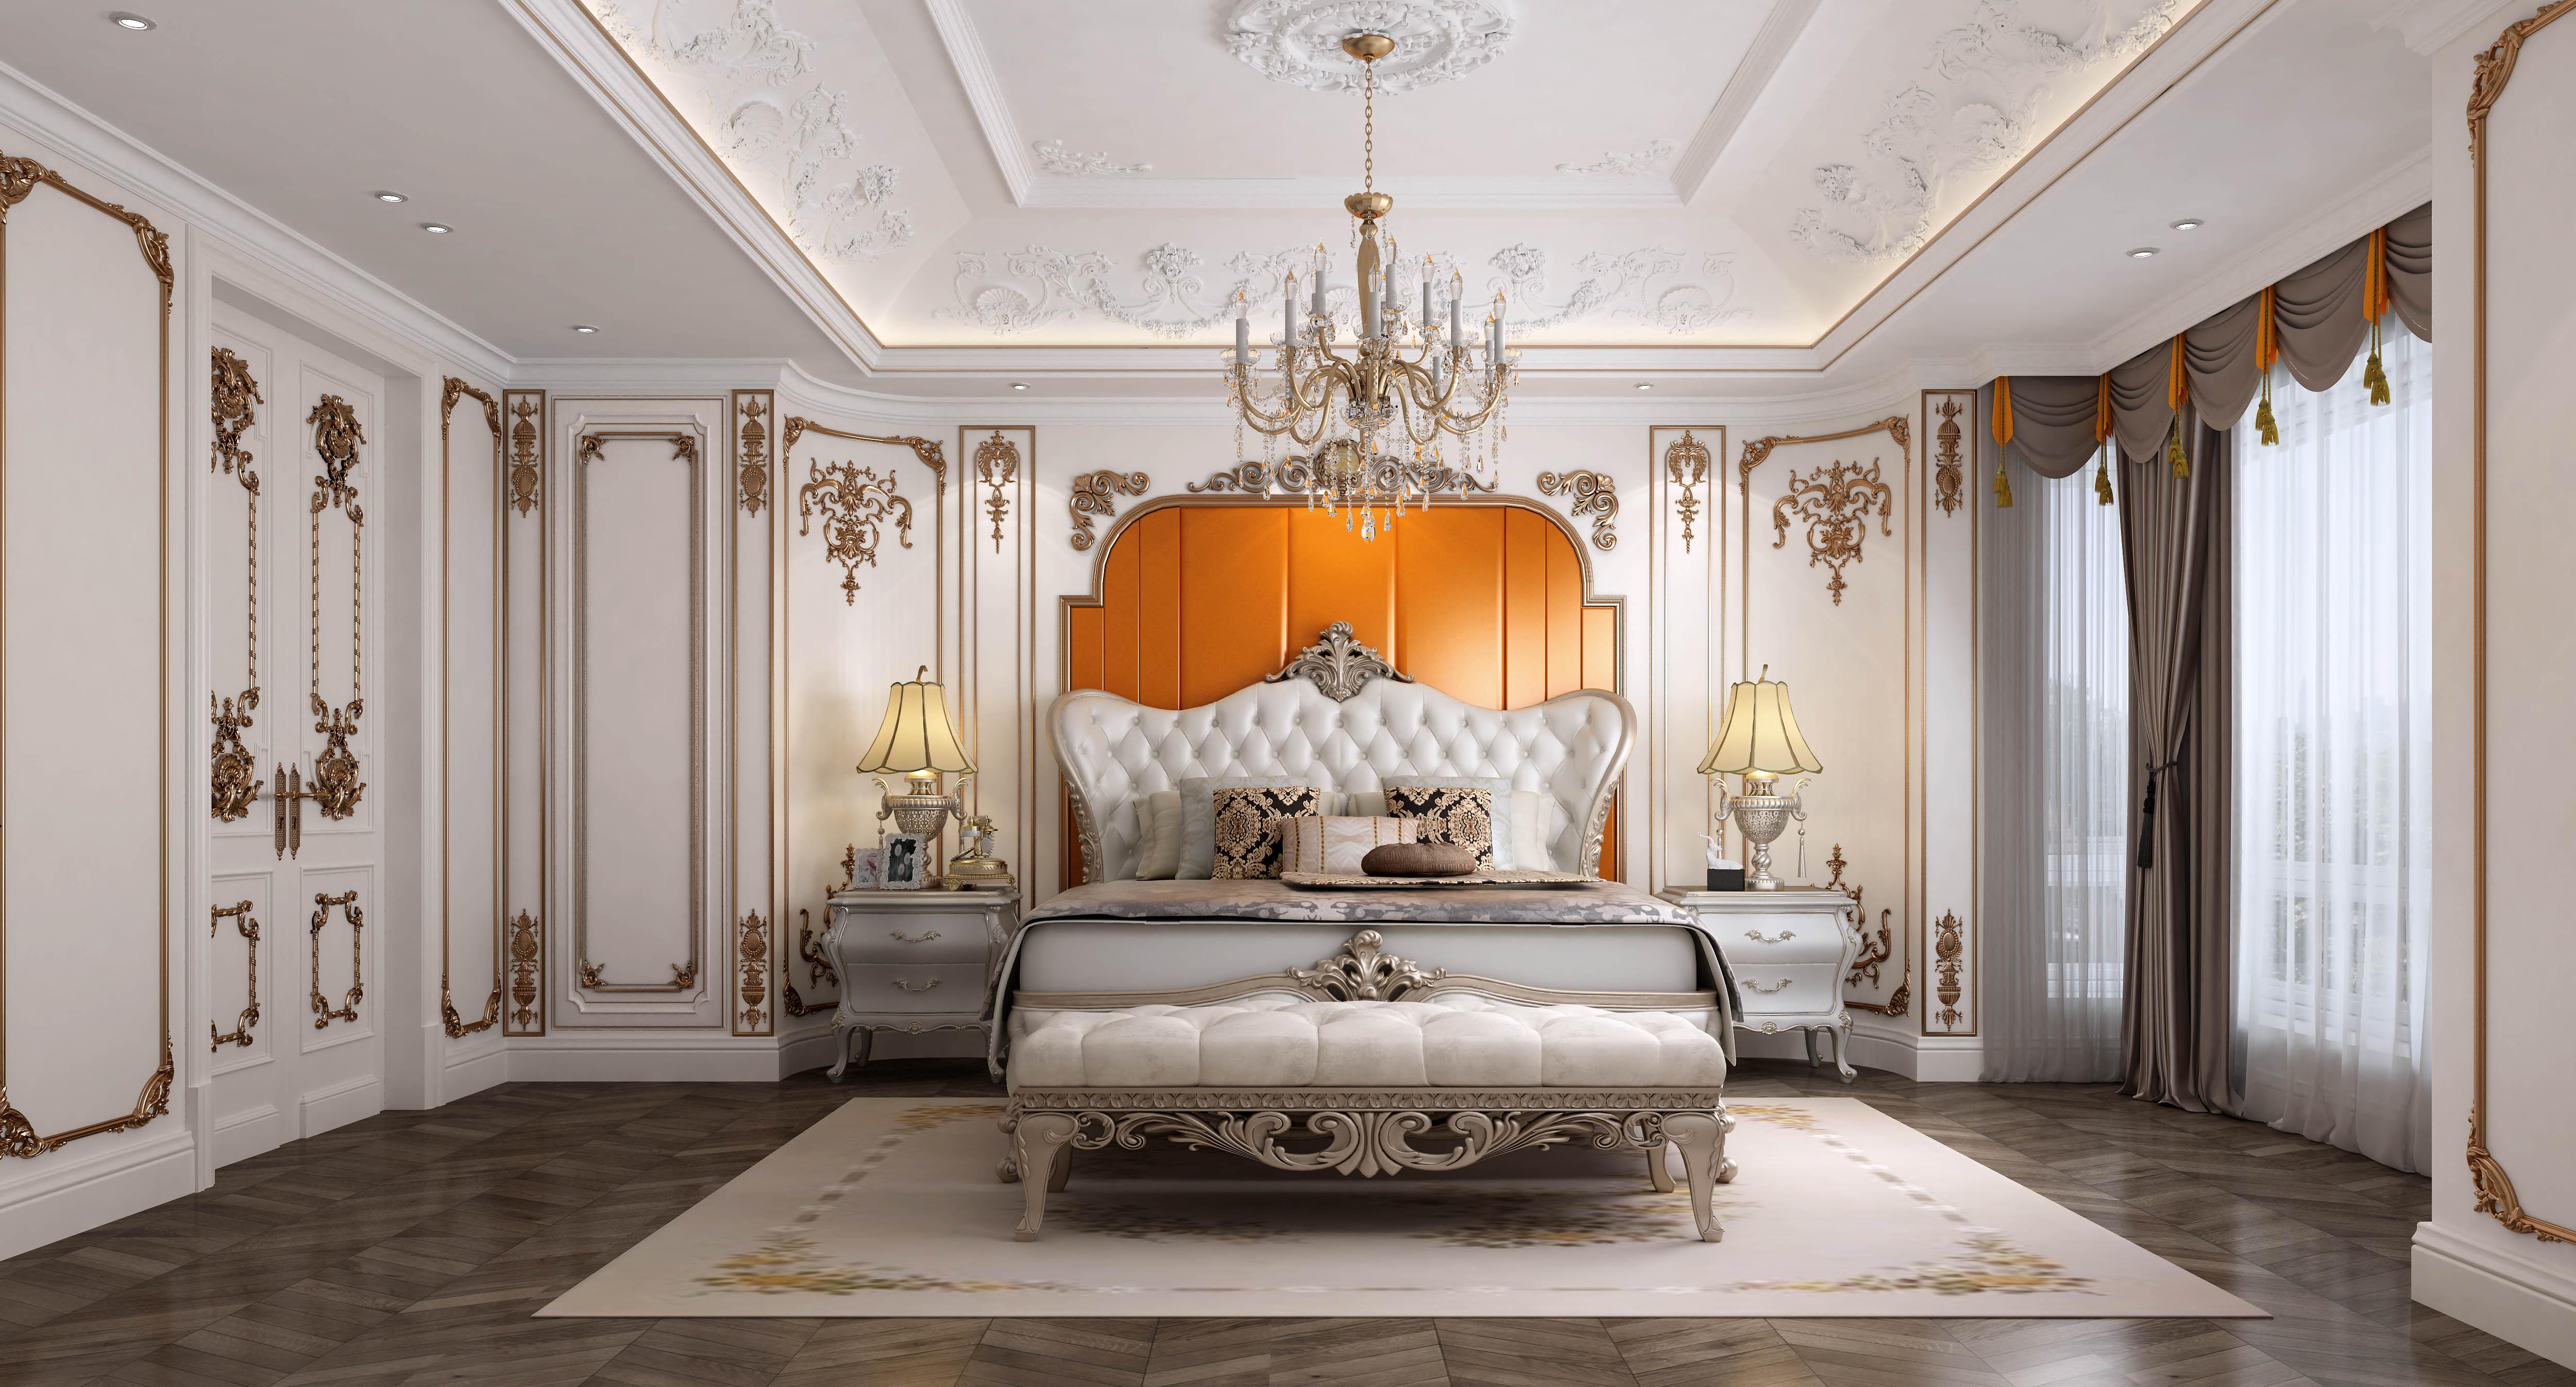 欧式 别墅 客厅 卧室 餐厅图片来自品清别墅装修在世纪锦园的分享